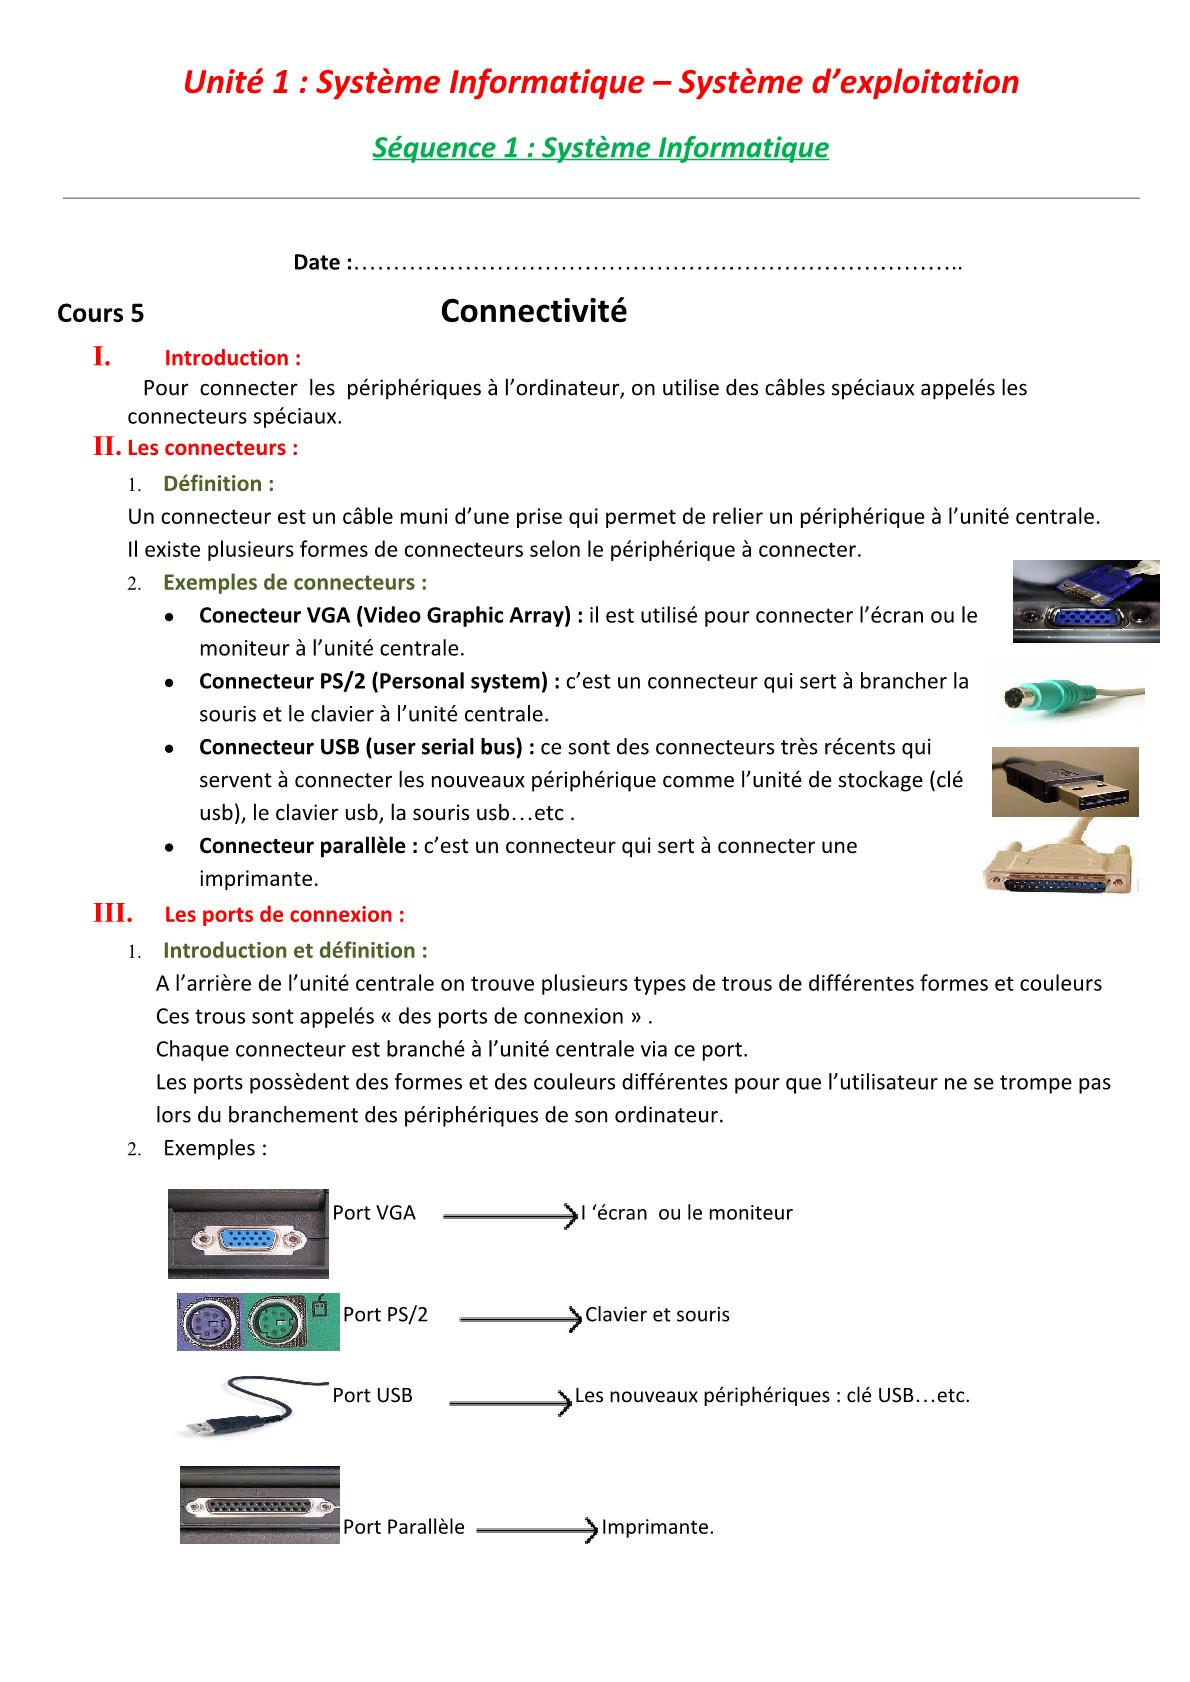 درس Connectivité للسنة الأولى اعدادي